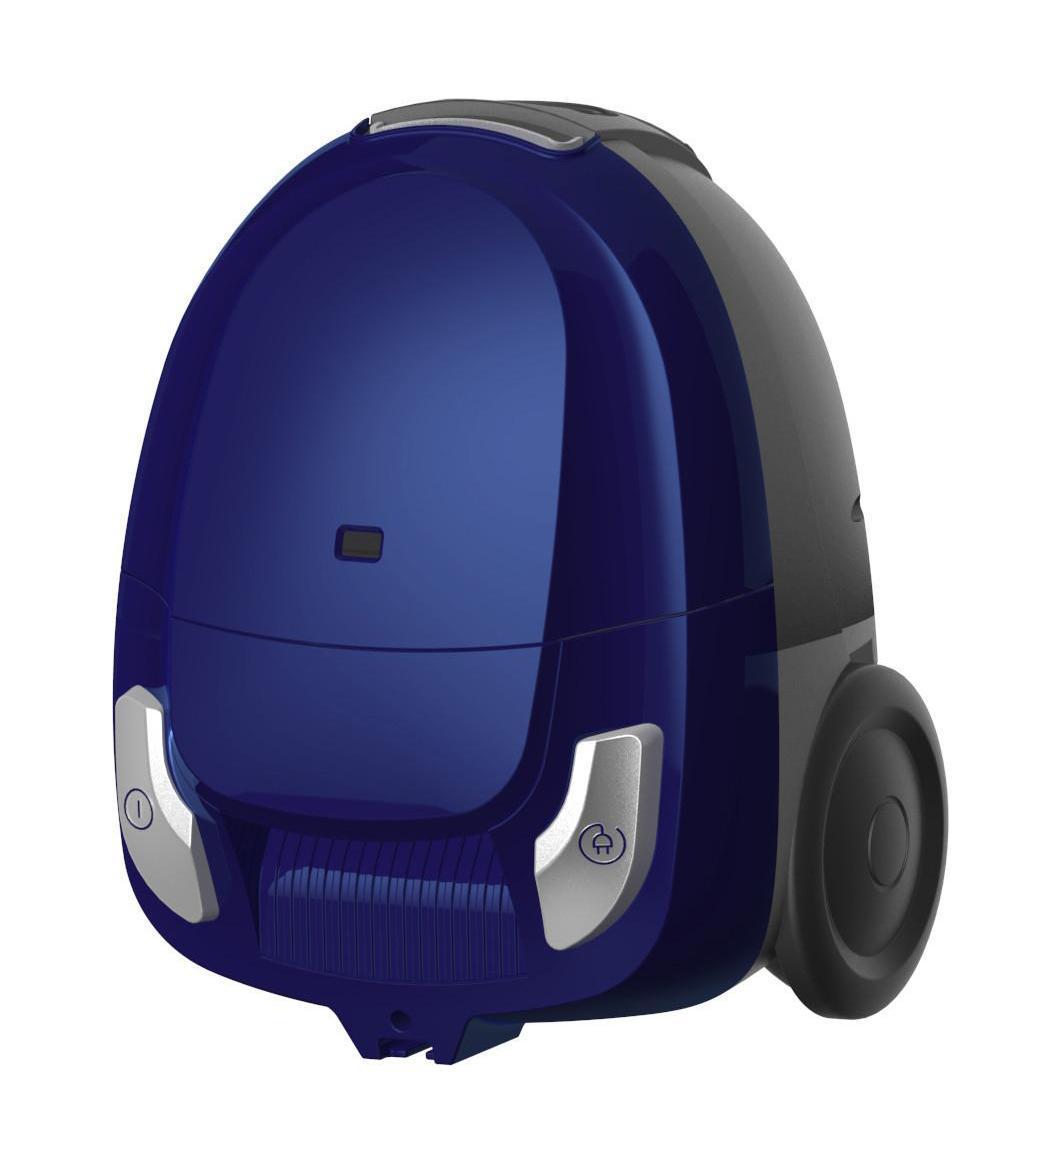 Midea VCB33A2 пылесос1.195-600.0Midea VCB33A2 - мощный пылесос с мешком для сбора пыли, который отлично справится с сухой уборкой в доме. Данная модель имеет возможность ножного переключения на корпусе, функцию автосматывания сетевого шнура. Устройство оснащено комбинированной трубой всасывания. Midea VCB33A2 обладает стильным дизайном и поразительной маневренностью, что делает его прекрасным помощником в домашних хлопотах.